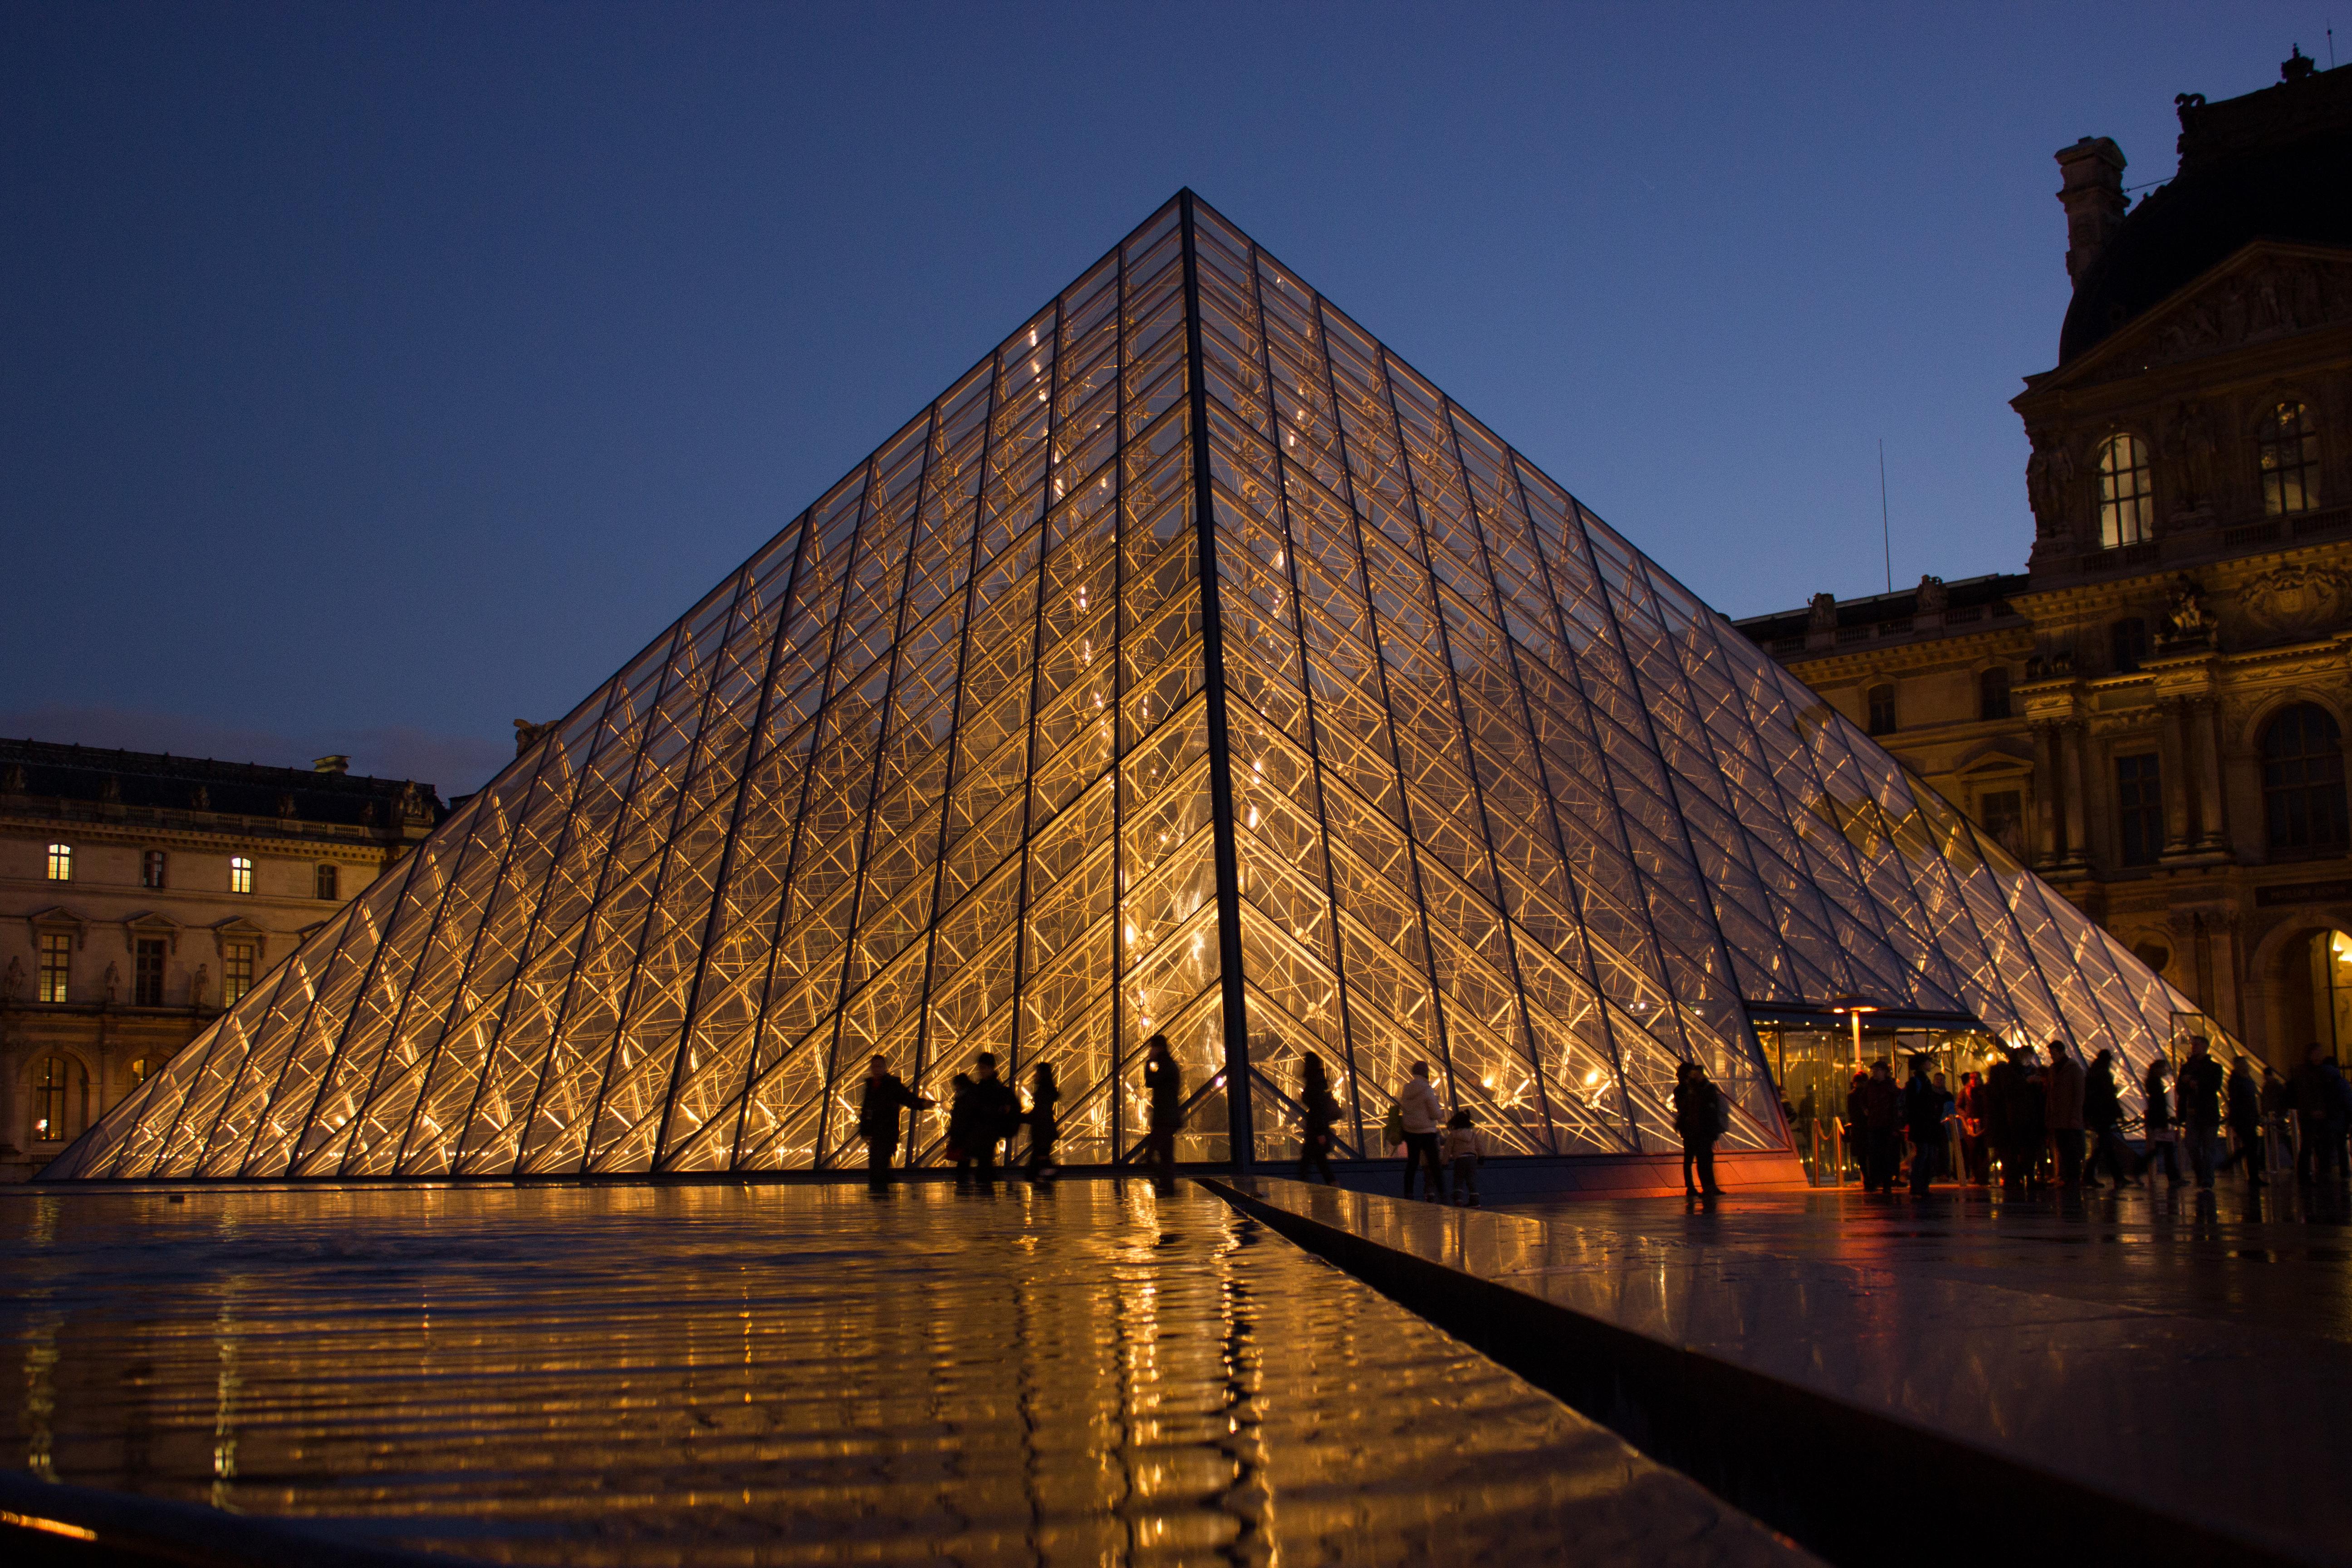 3bb1a2490a8d Know Activities Paris – Explore Paris with Pickyourtrail Guides!